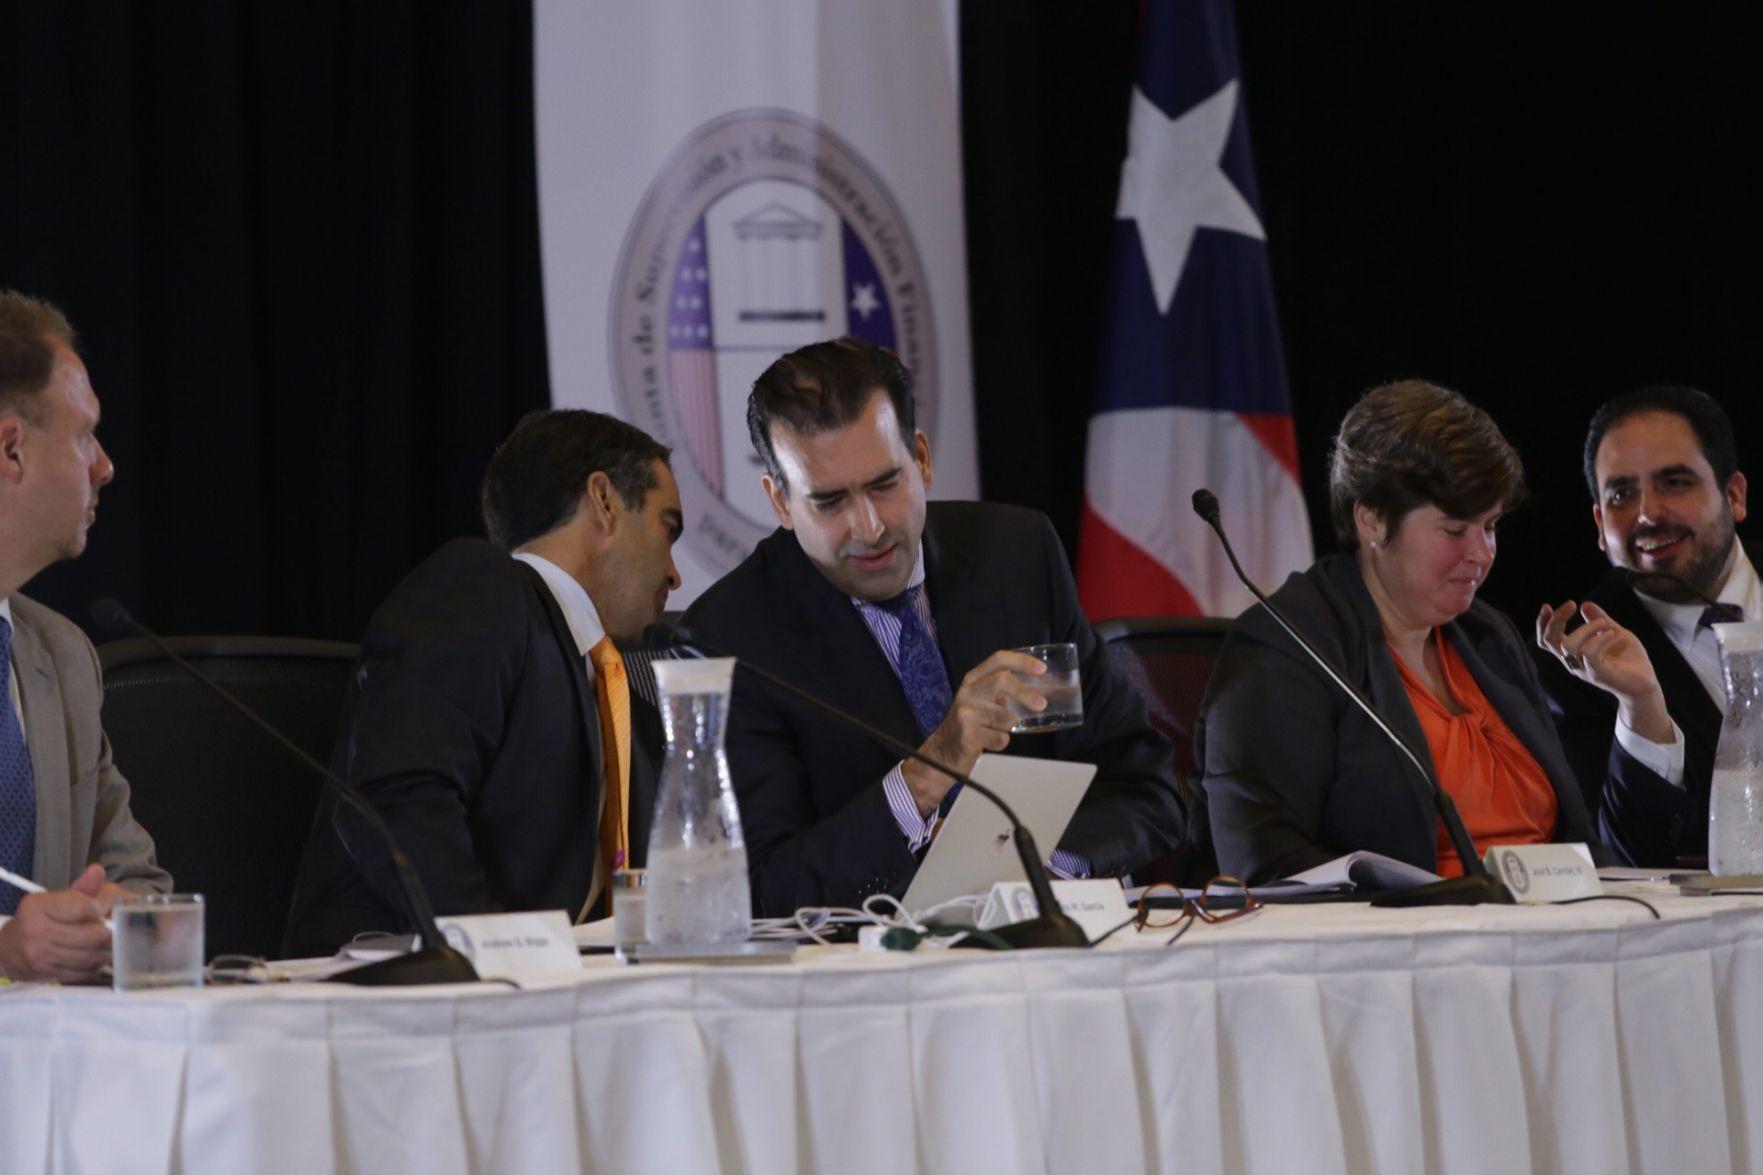 Impone reducción de jornada laboral en Puerto Rico